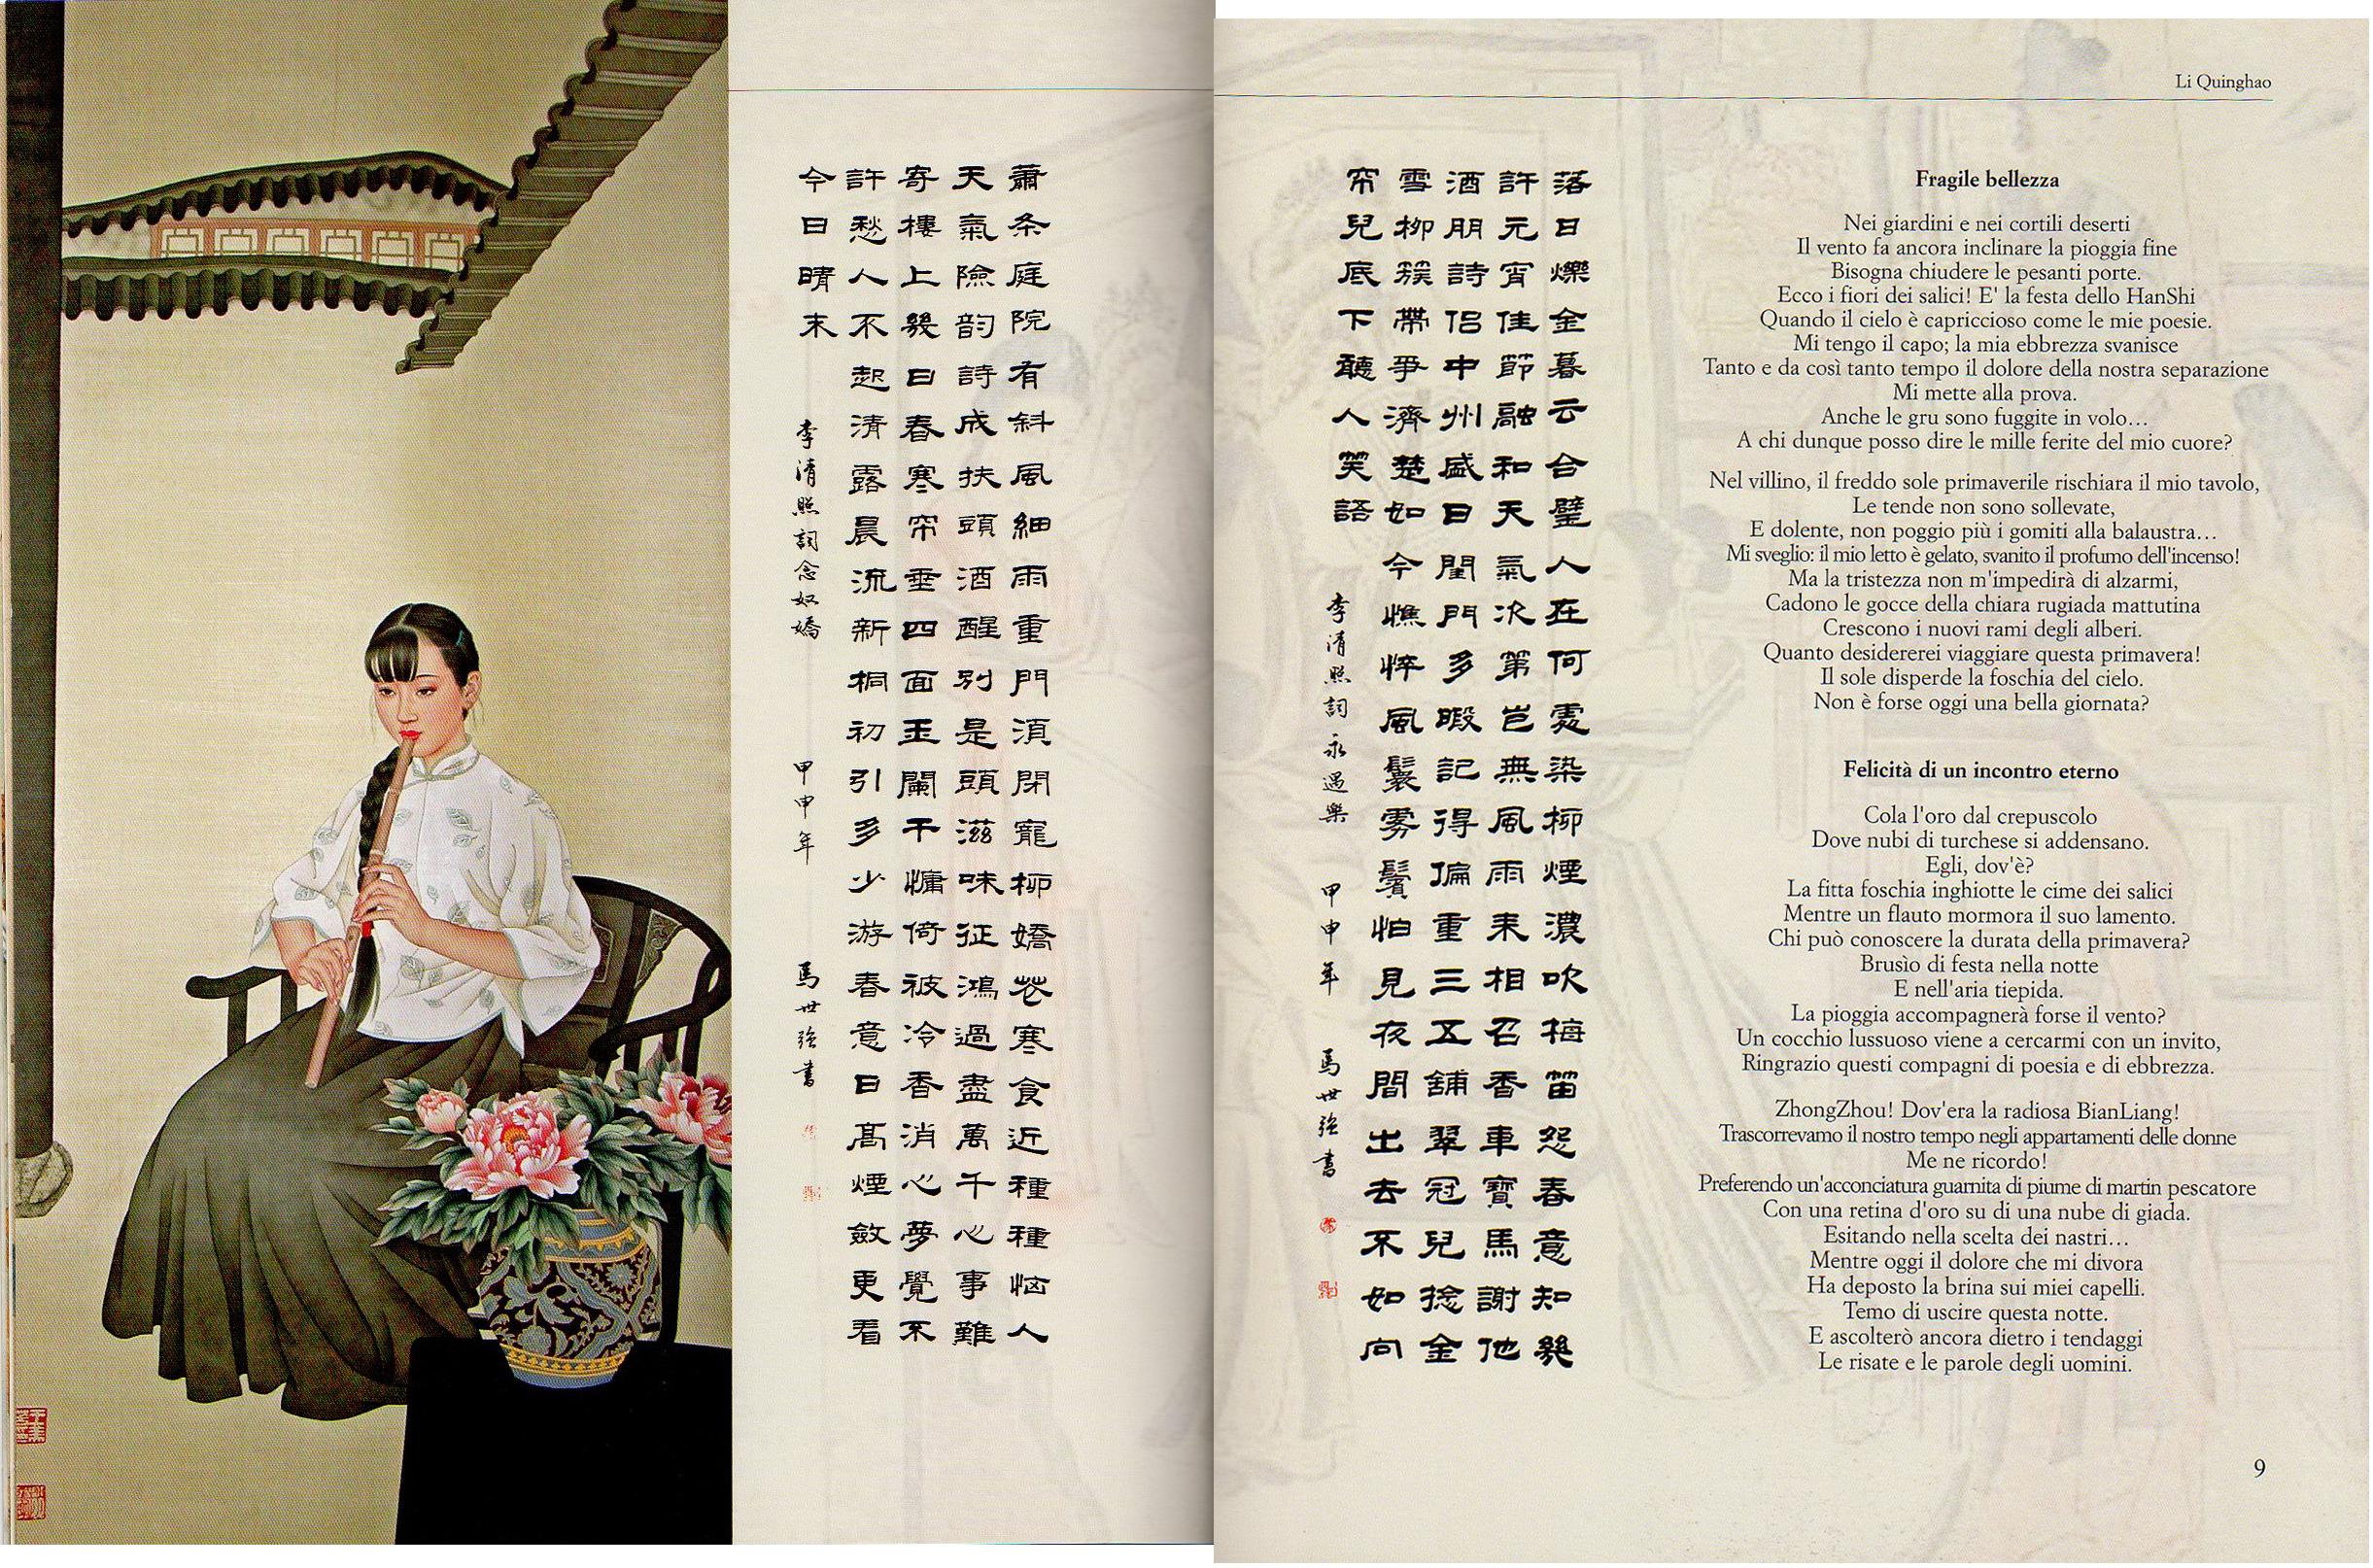 La Cina al Castello di Duino - Jean-Pierre Michel - Chine - Musée Guiguet - TousAzimuts - Elisseeff - WangMeiFang - Zhao Guojing (6)